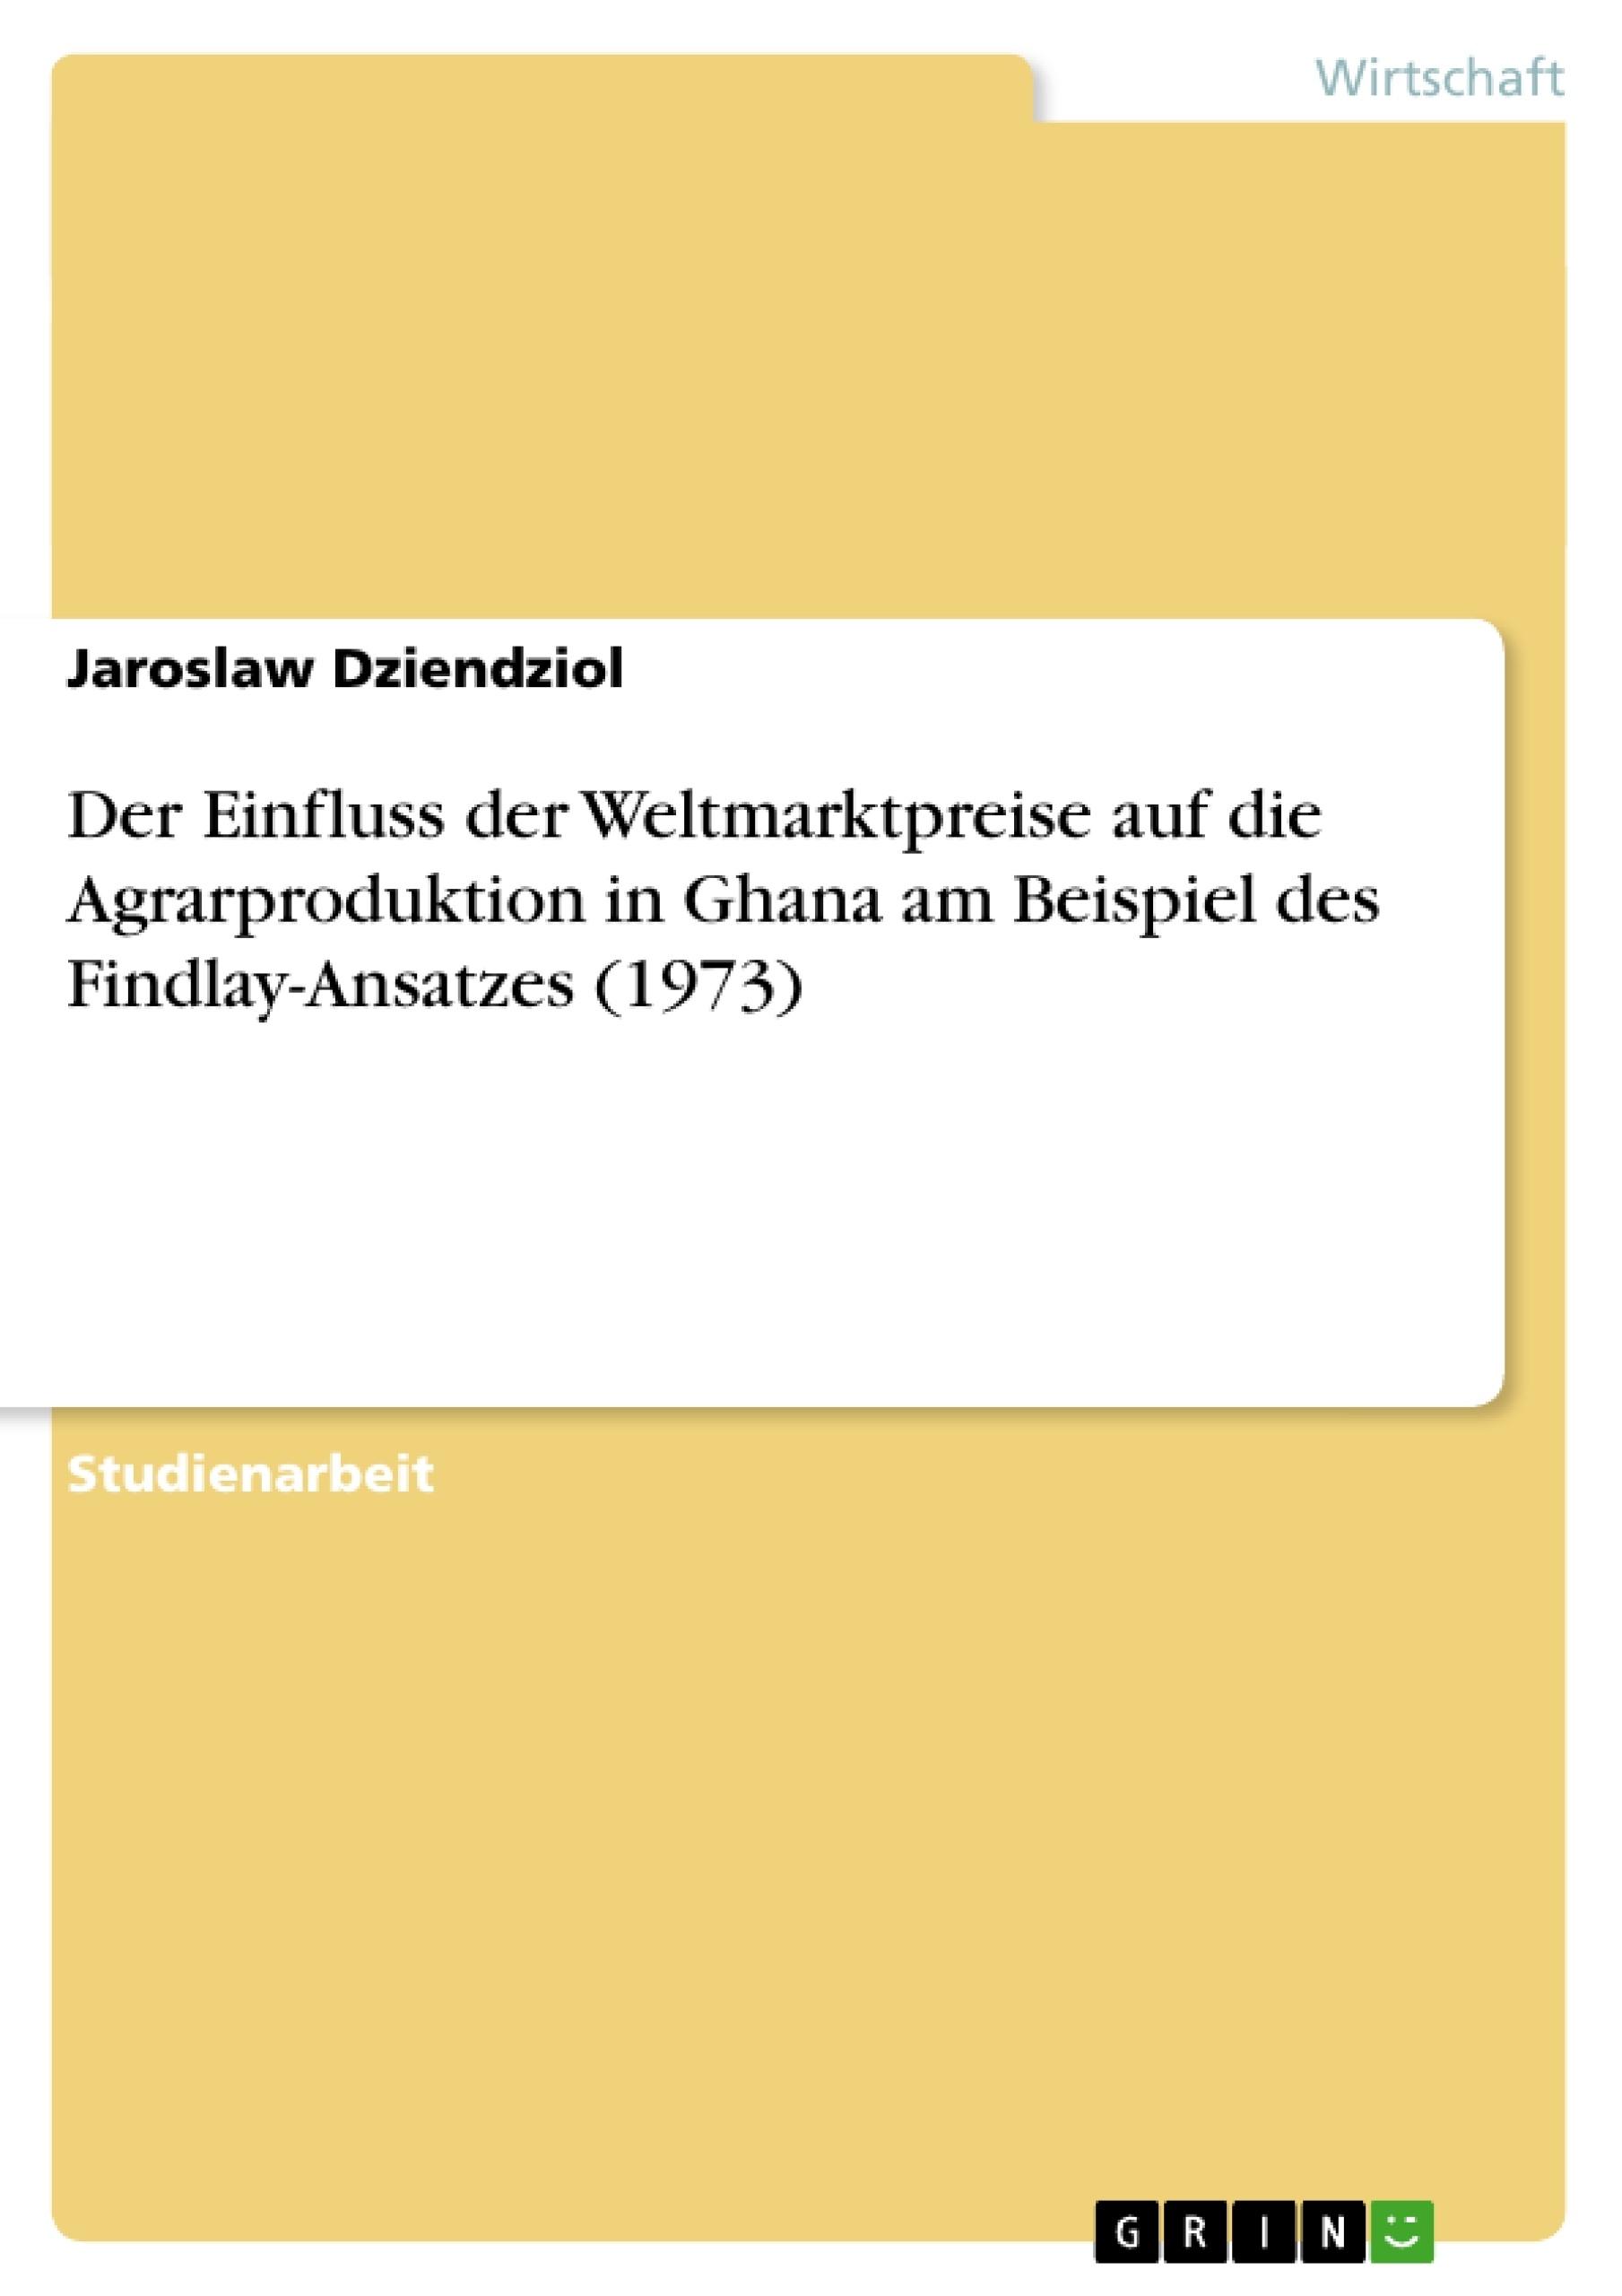 Titel: Der Einfluss der Weltmarktpreise auf die Agrarproduktion in Ghana am Beispiel des Findlay-Ansatzes (1973)